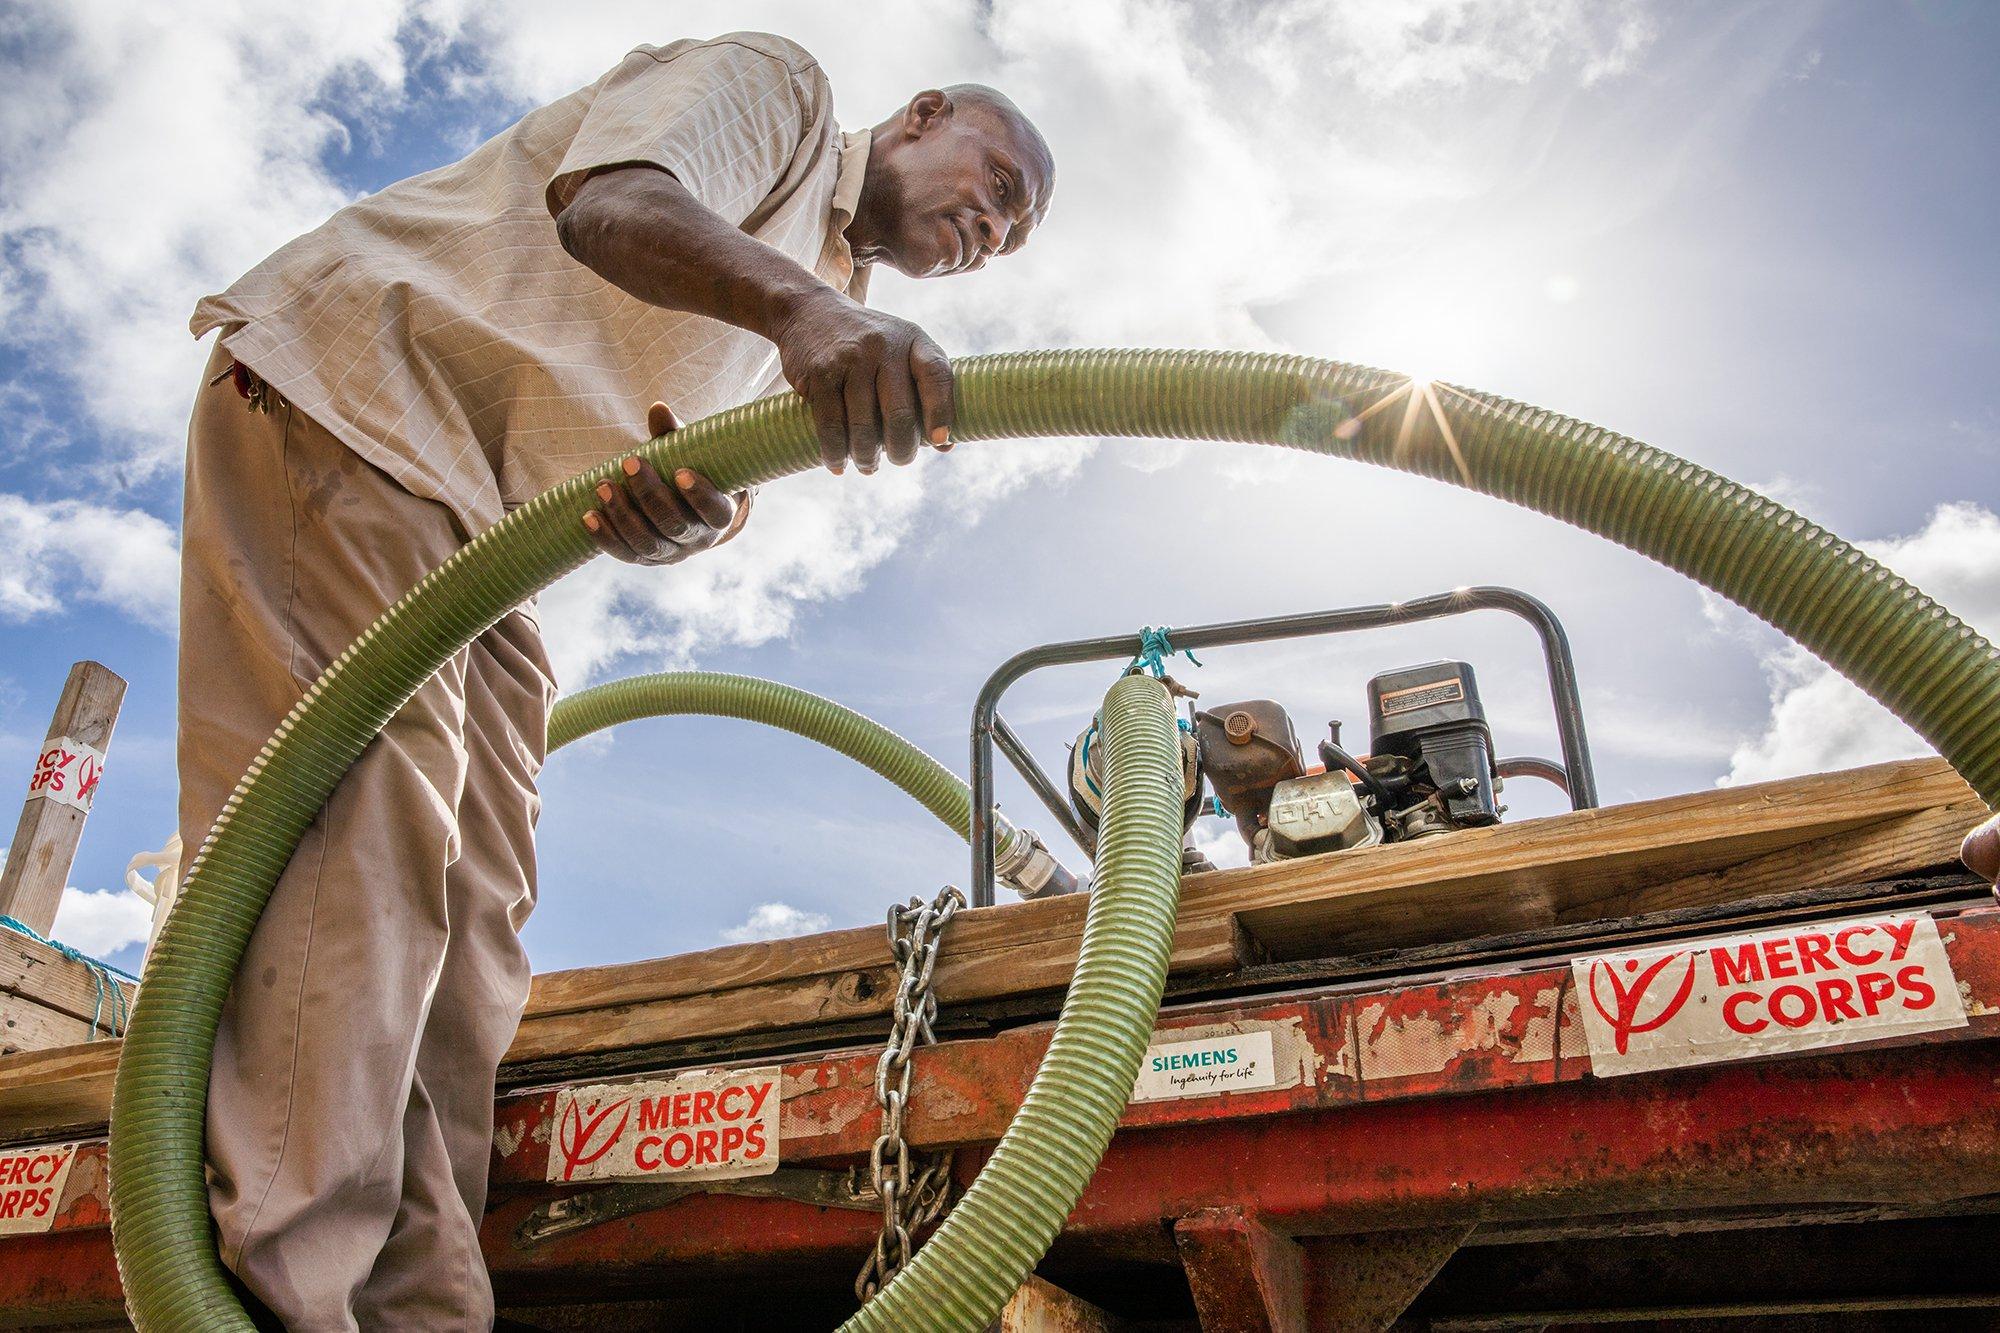 Mercy Corps Volunteer Potable Water